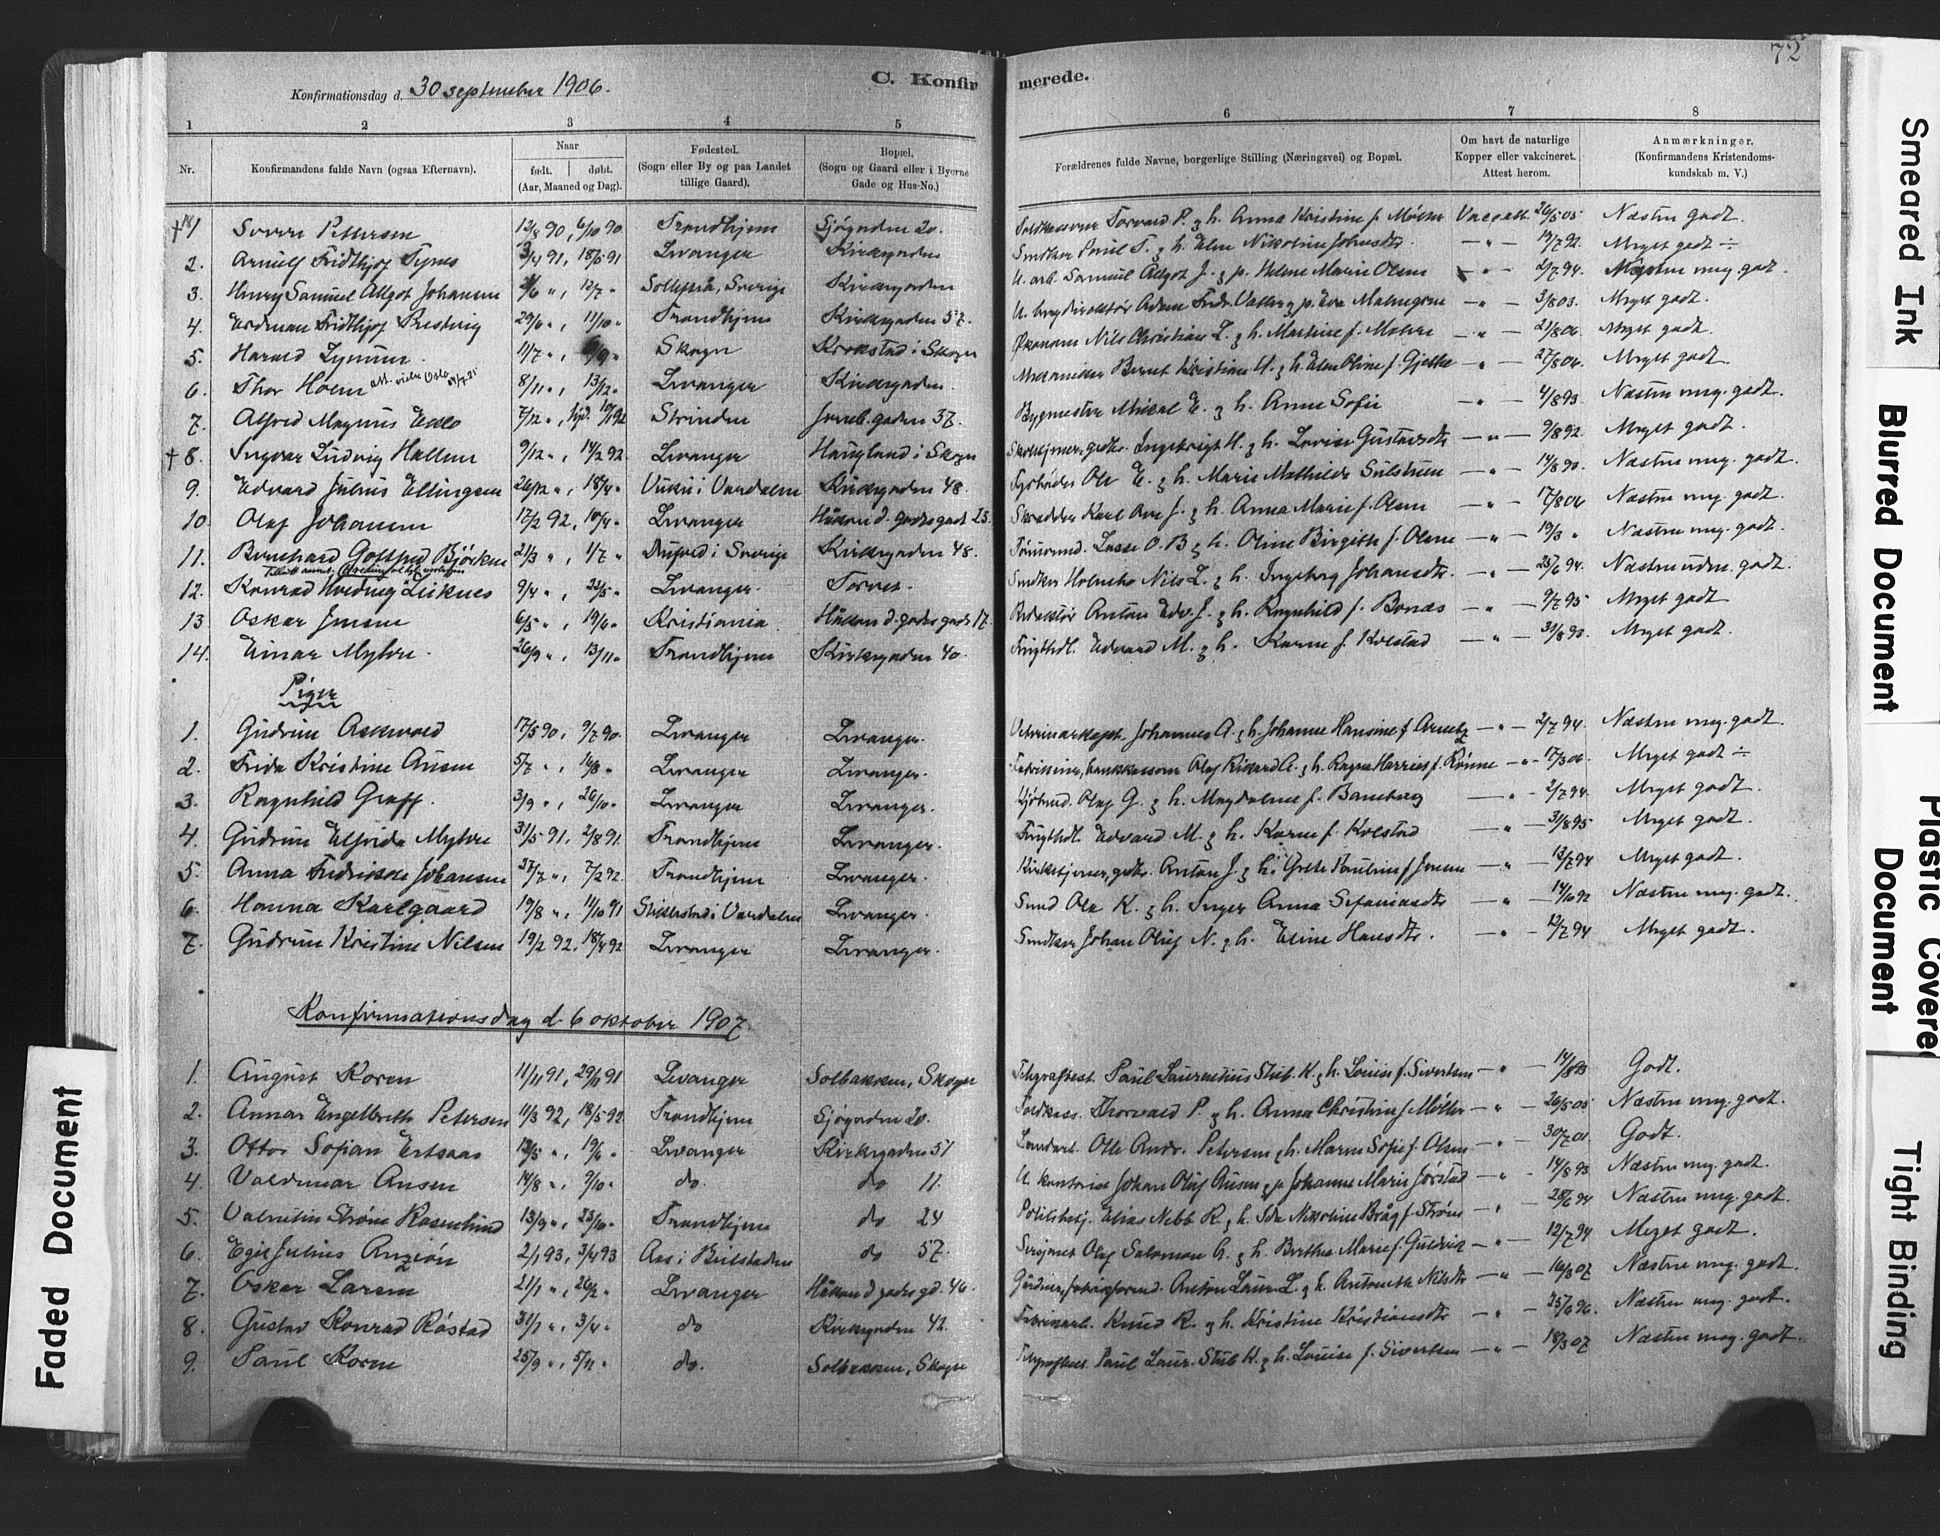 SAT, Ministerialprotokoller, klokkerbøker og fødselsregistre - Nord-Trøndelag, 720/L0189: Ministerialbok nr. 720A05, 1880-1911, s. 72